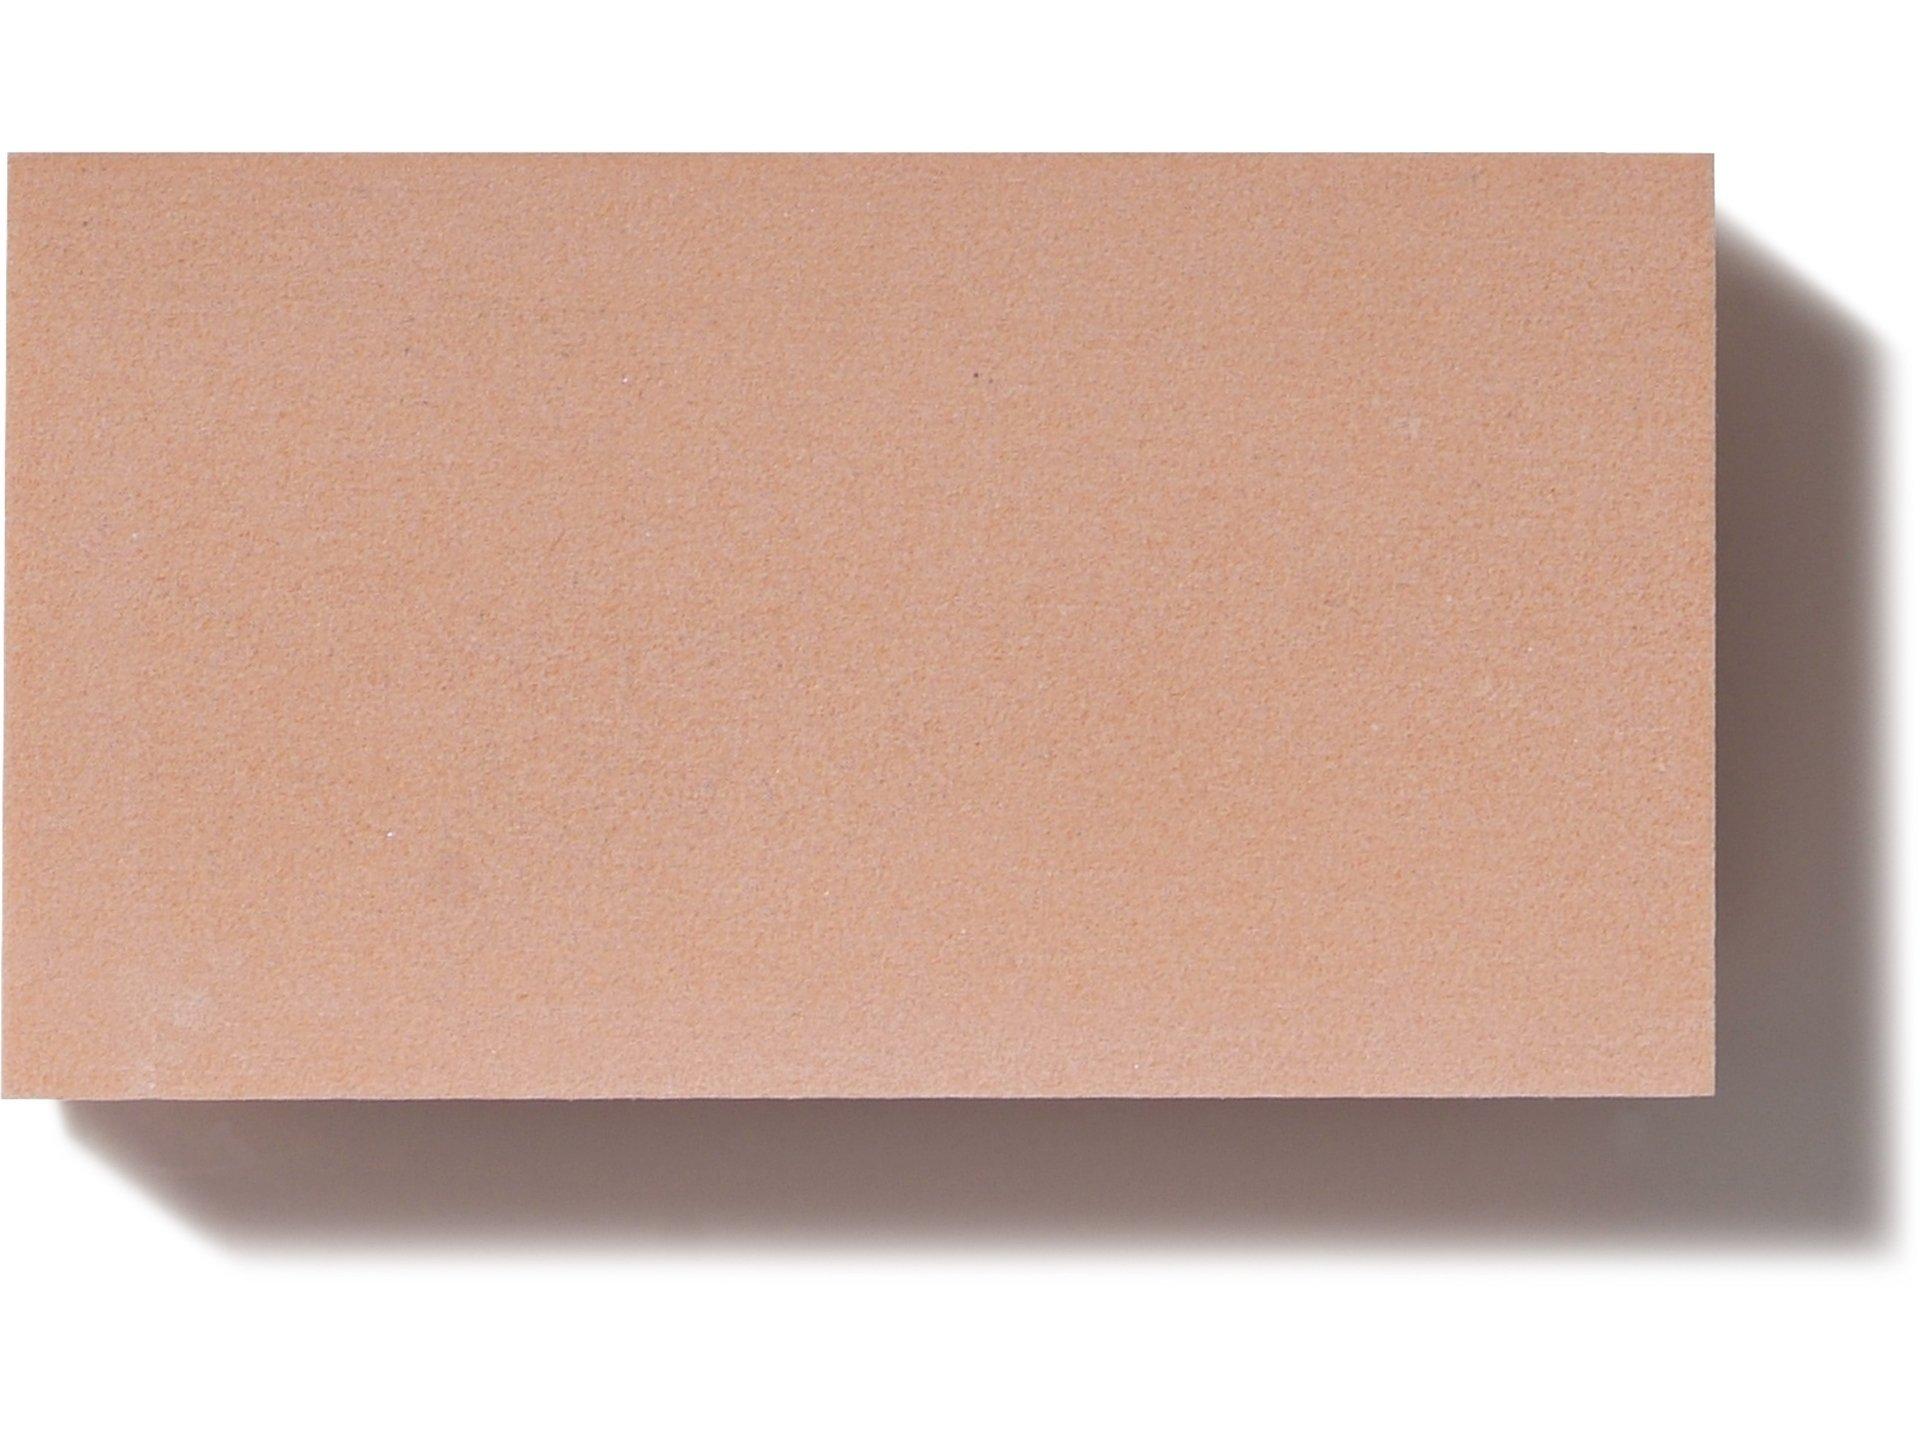 sikablock pur modellplatte m450 kaufen modulor. Black Bedroom Furniture Sets. Home Design Ideas